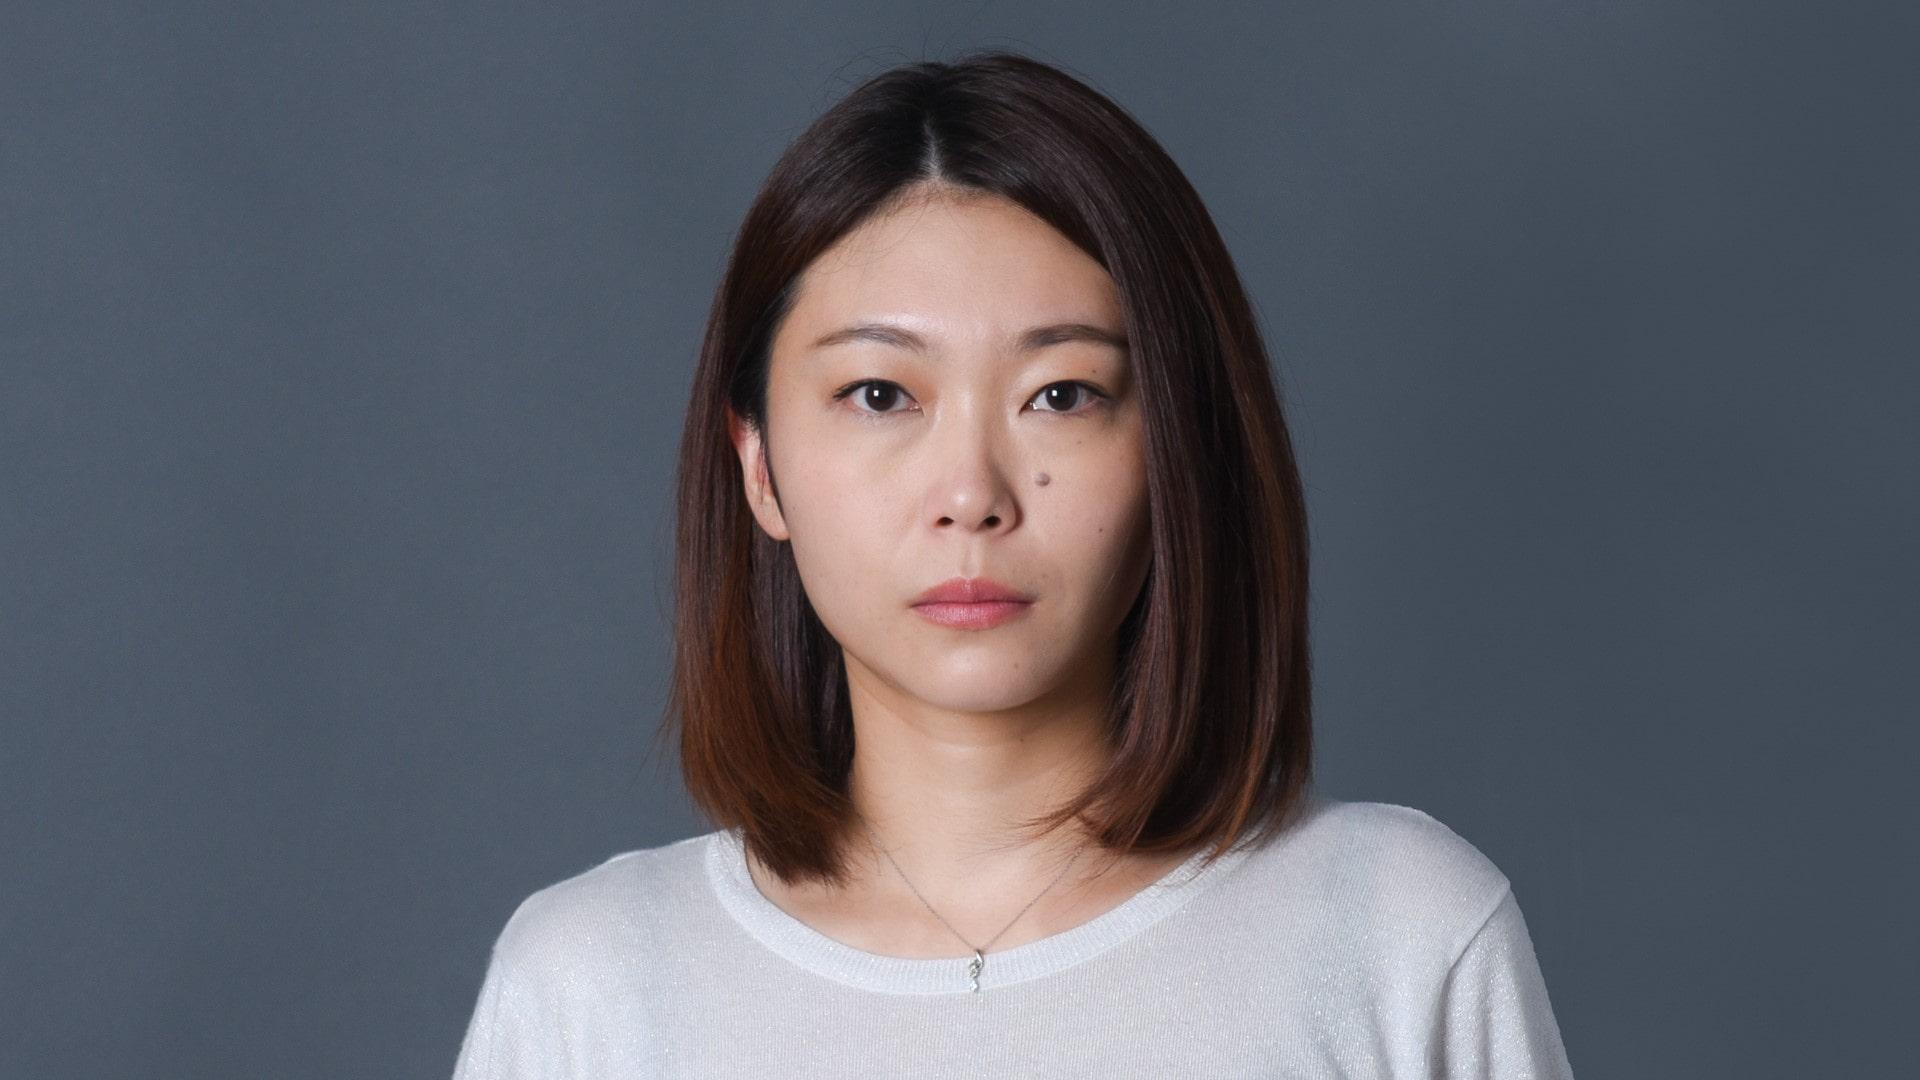 田嶋真弓|プロフィール写真|オフィス森本